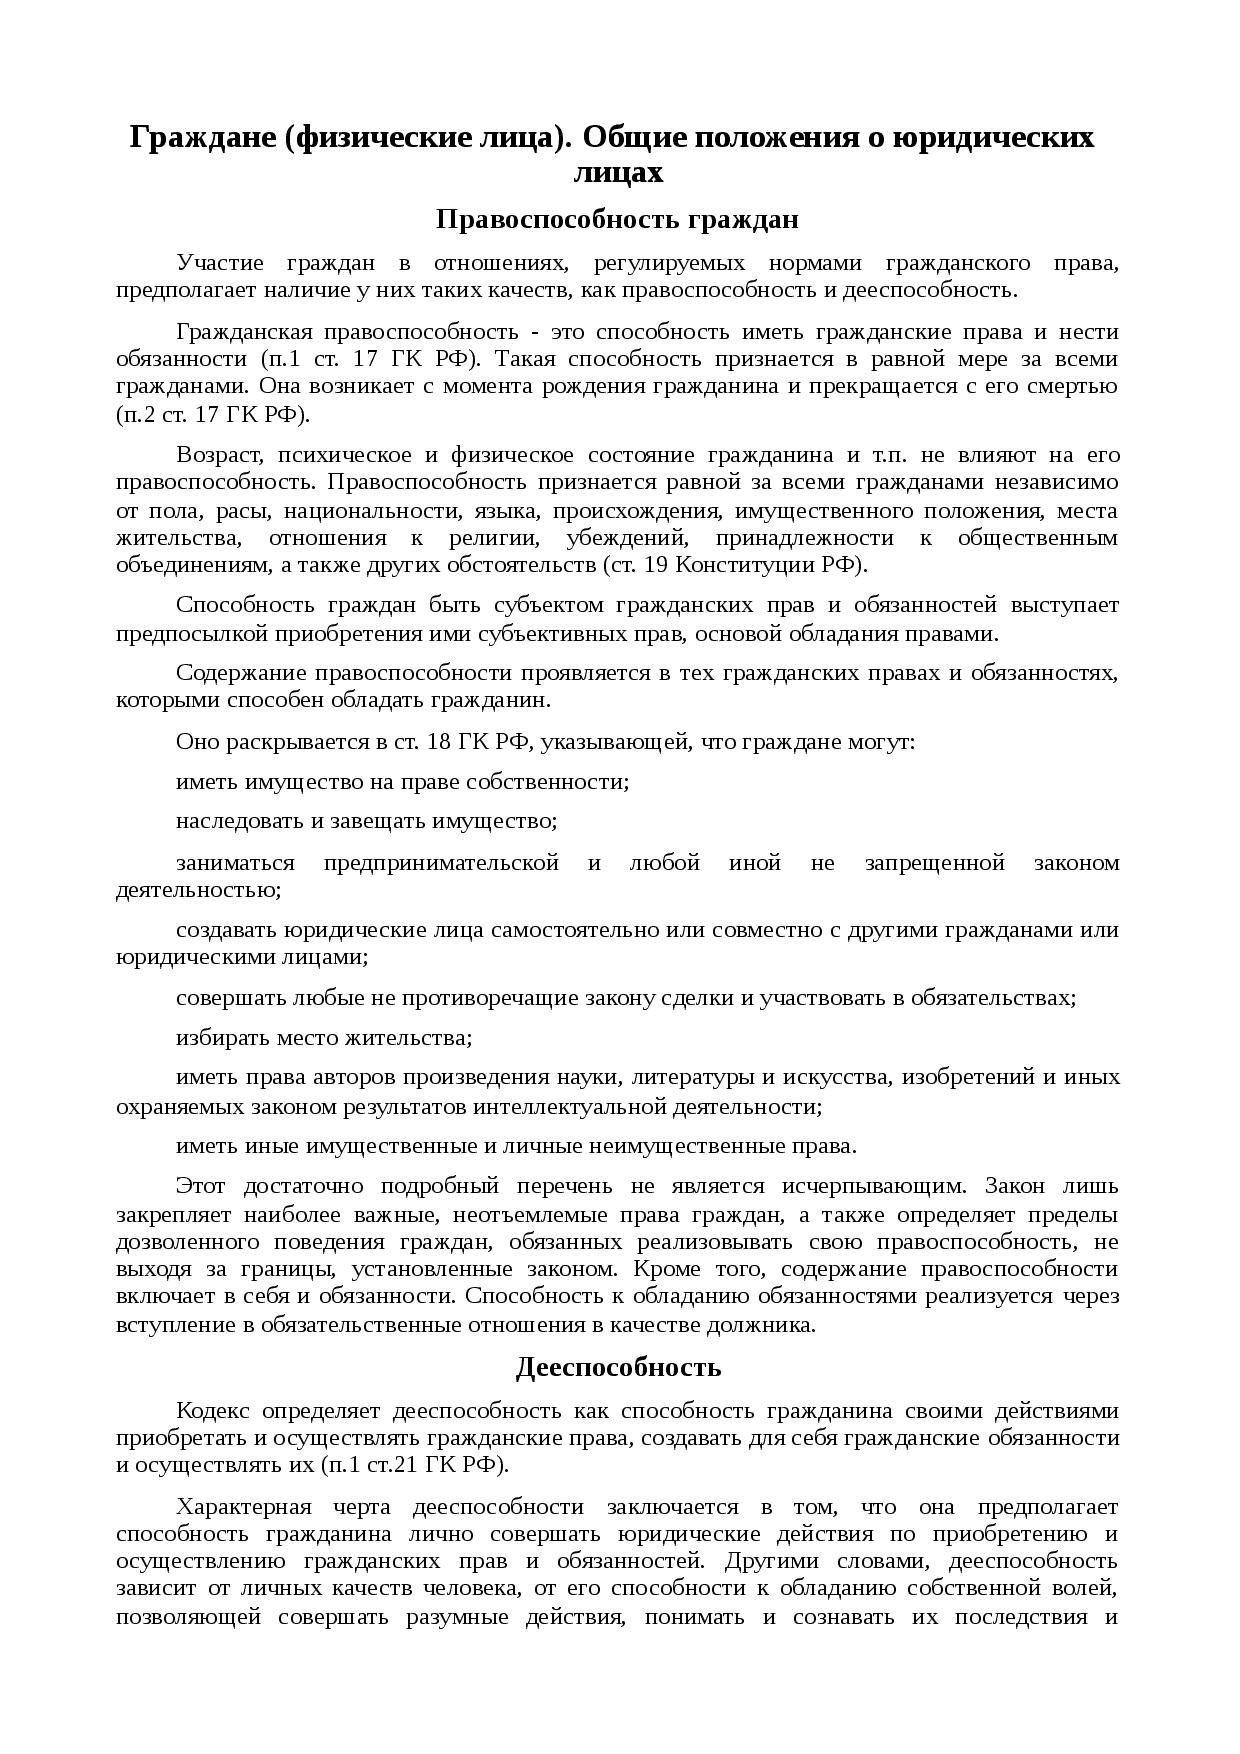 Физическое лицо - википедия